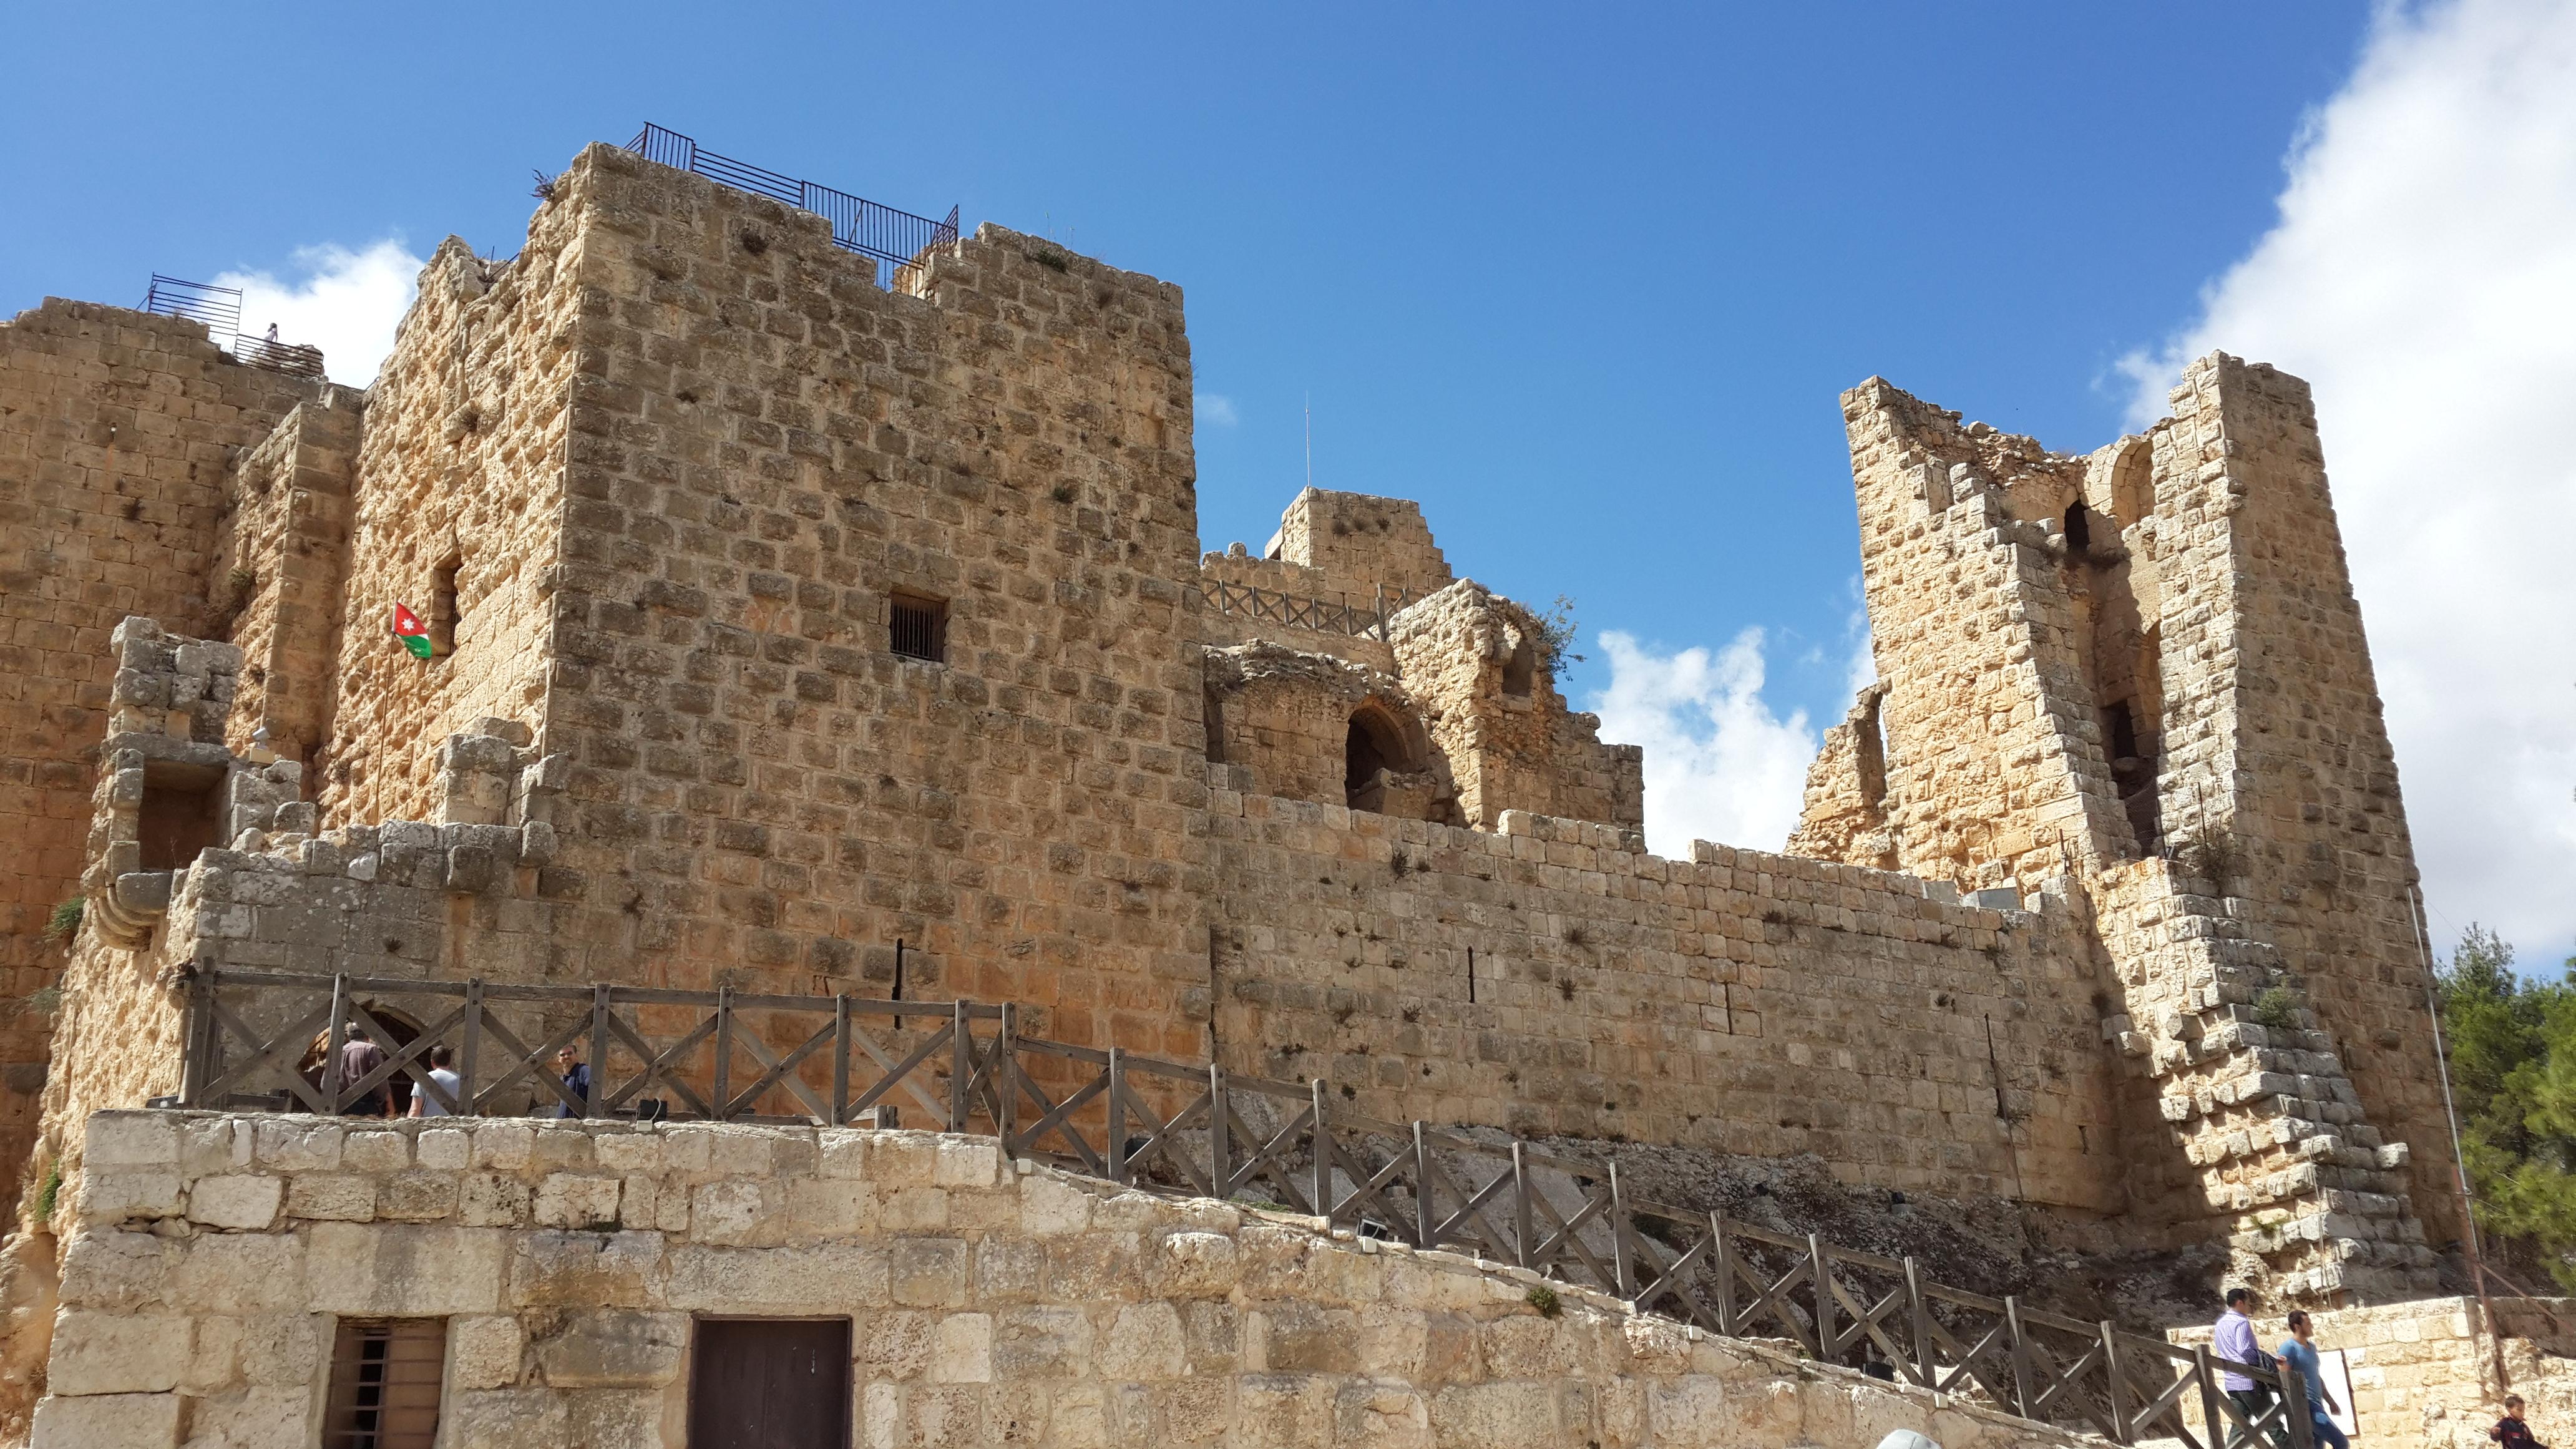 ruta de viaje por jordania - hoteles recomendados